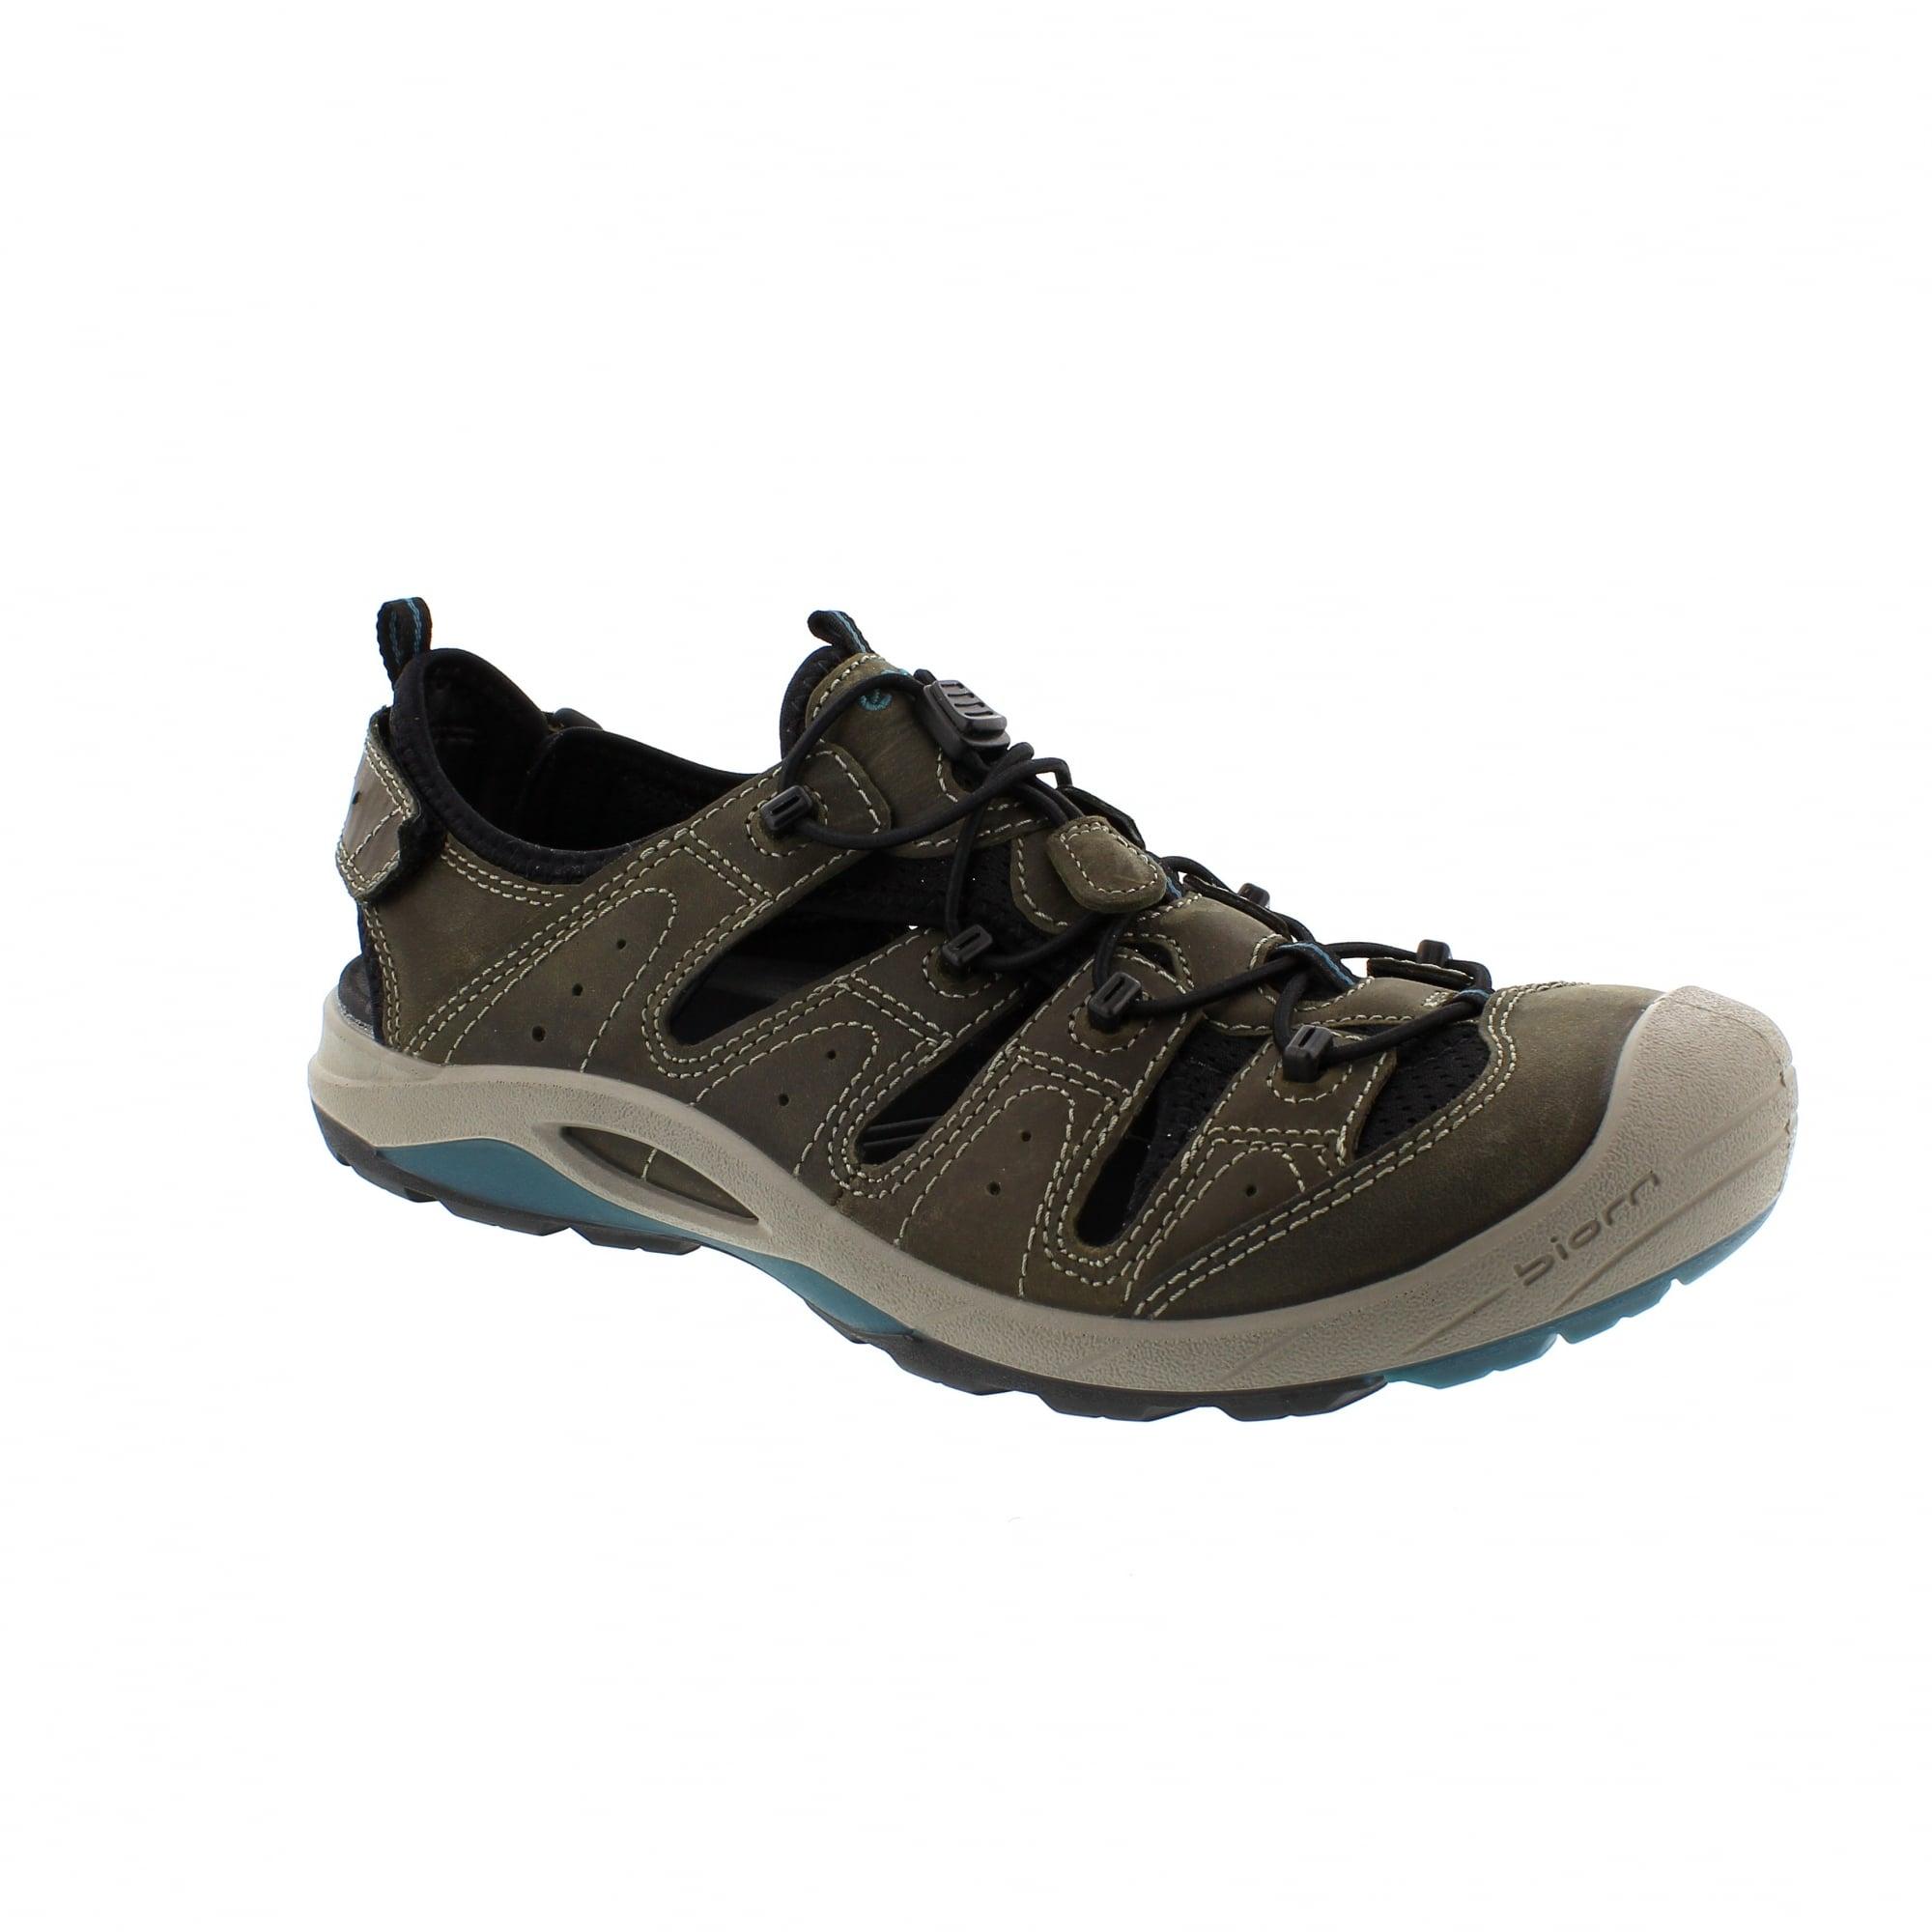 1da7948501f368 Ecco Biom Delta 810634-50333 Mens Walking Sandals